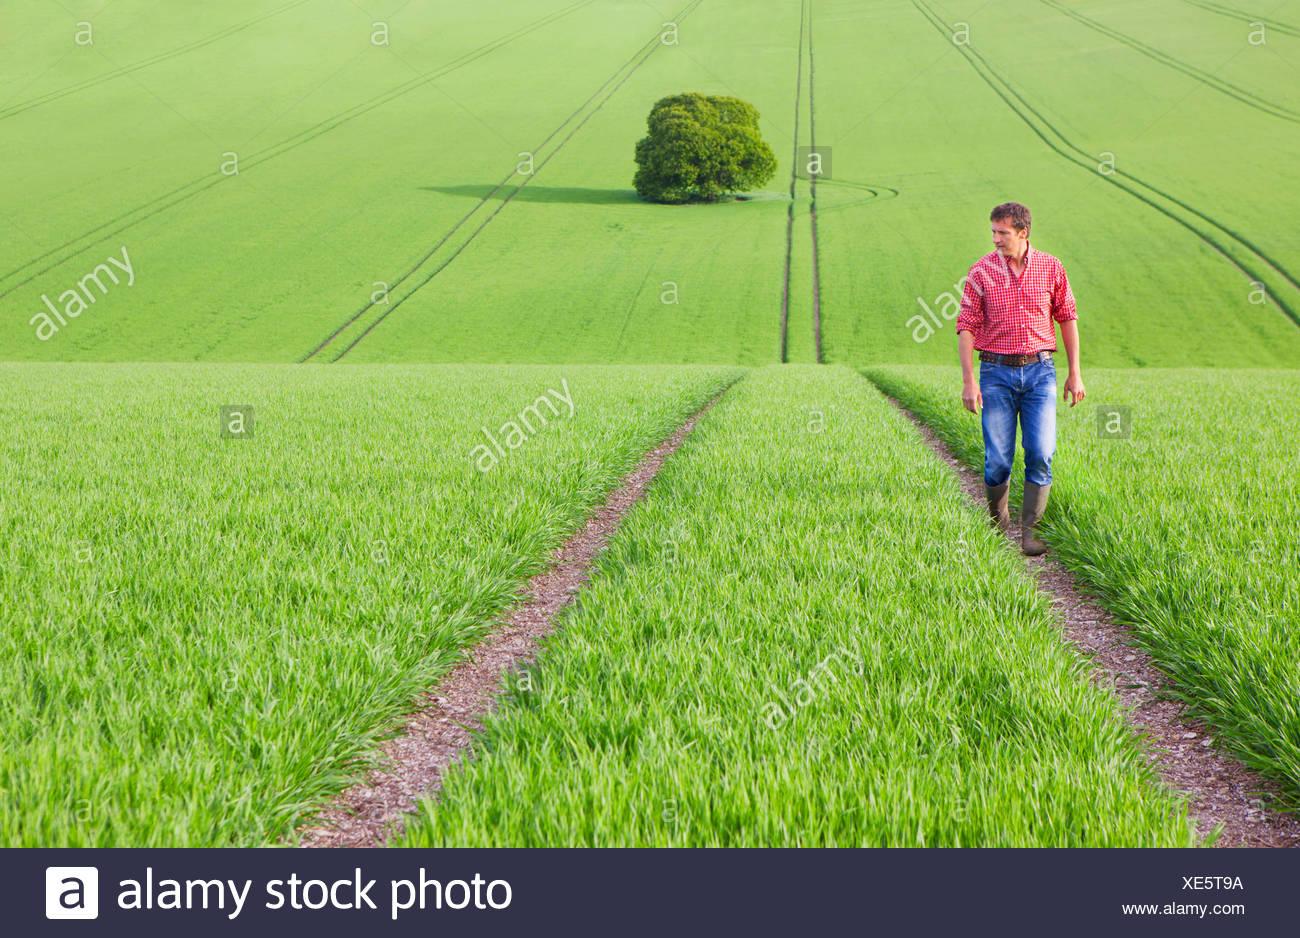 Farmer walking on path in field - Stock Image